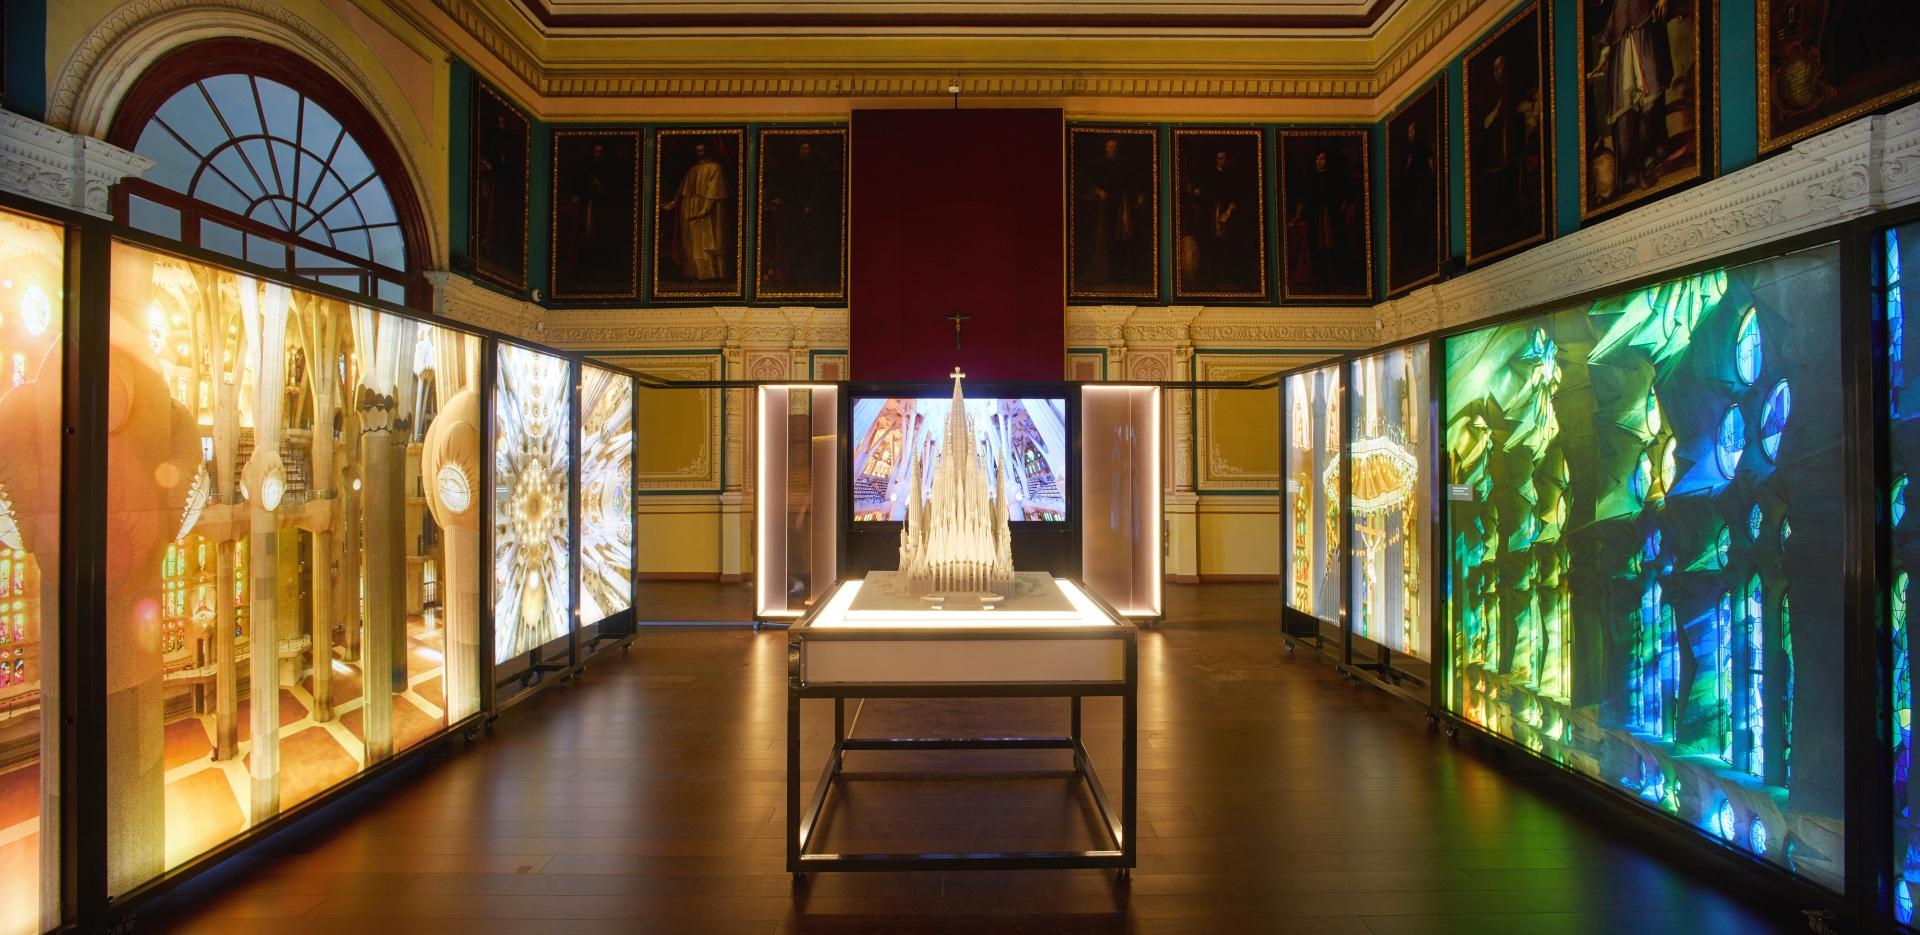 Exposición Gaudí Sagrada Familia. Maqueta iluminada rodeada de imágenes de vidrieras del interior en colores verde, azul y naranja. Con proyección de fondo, en una sala antigua con retratos de cardenales.